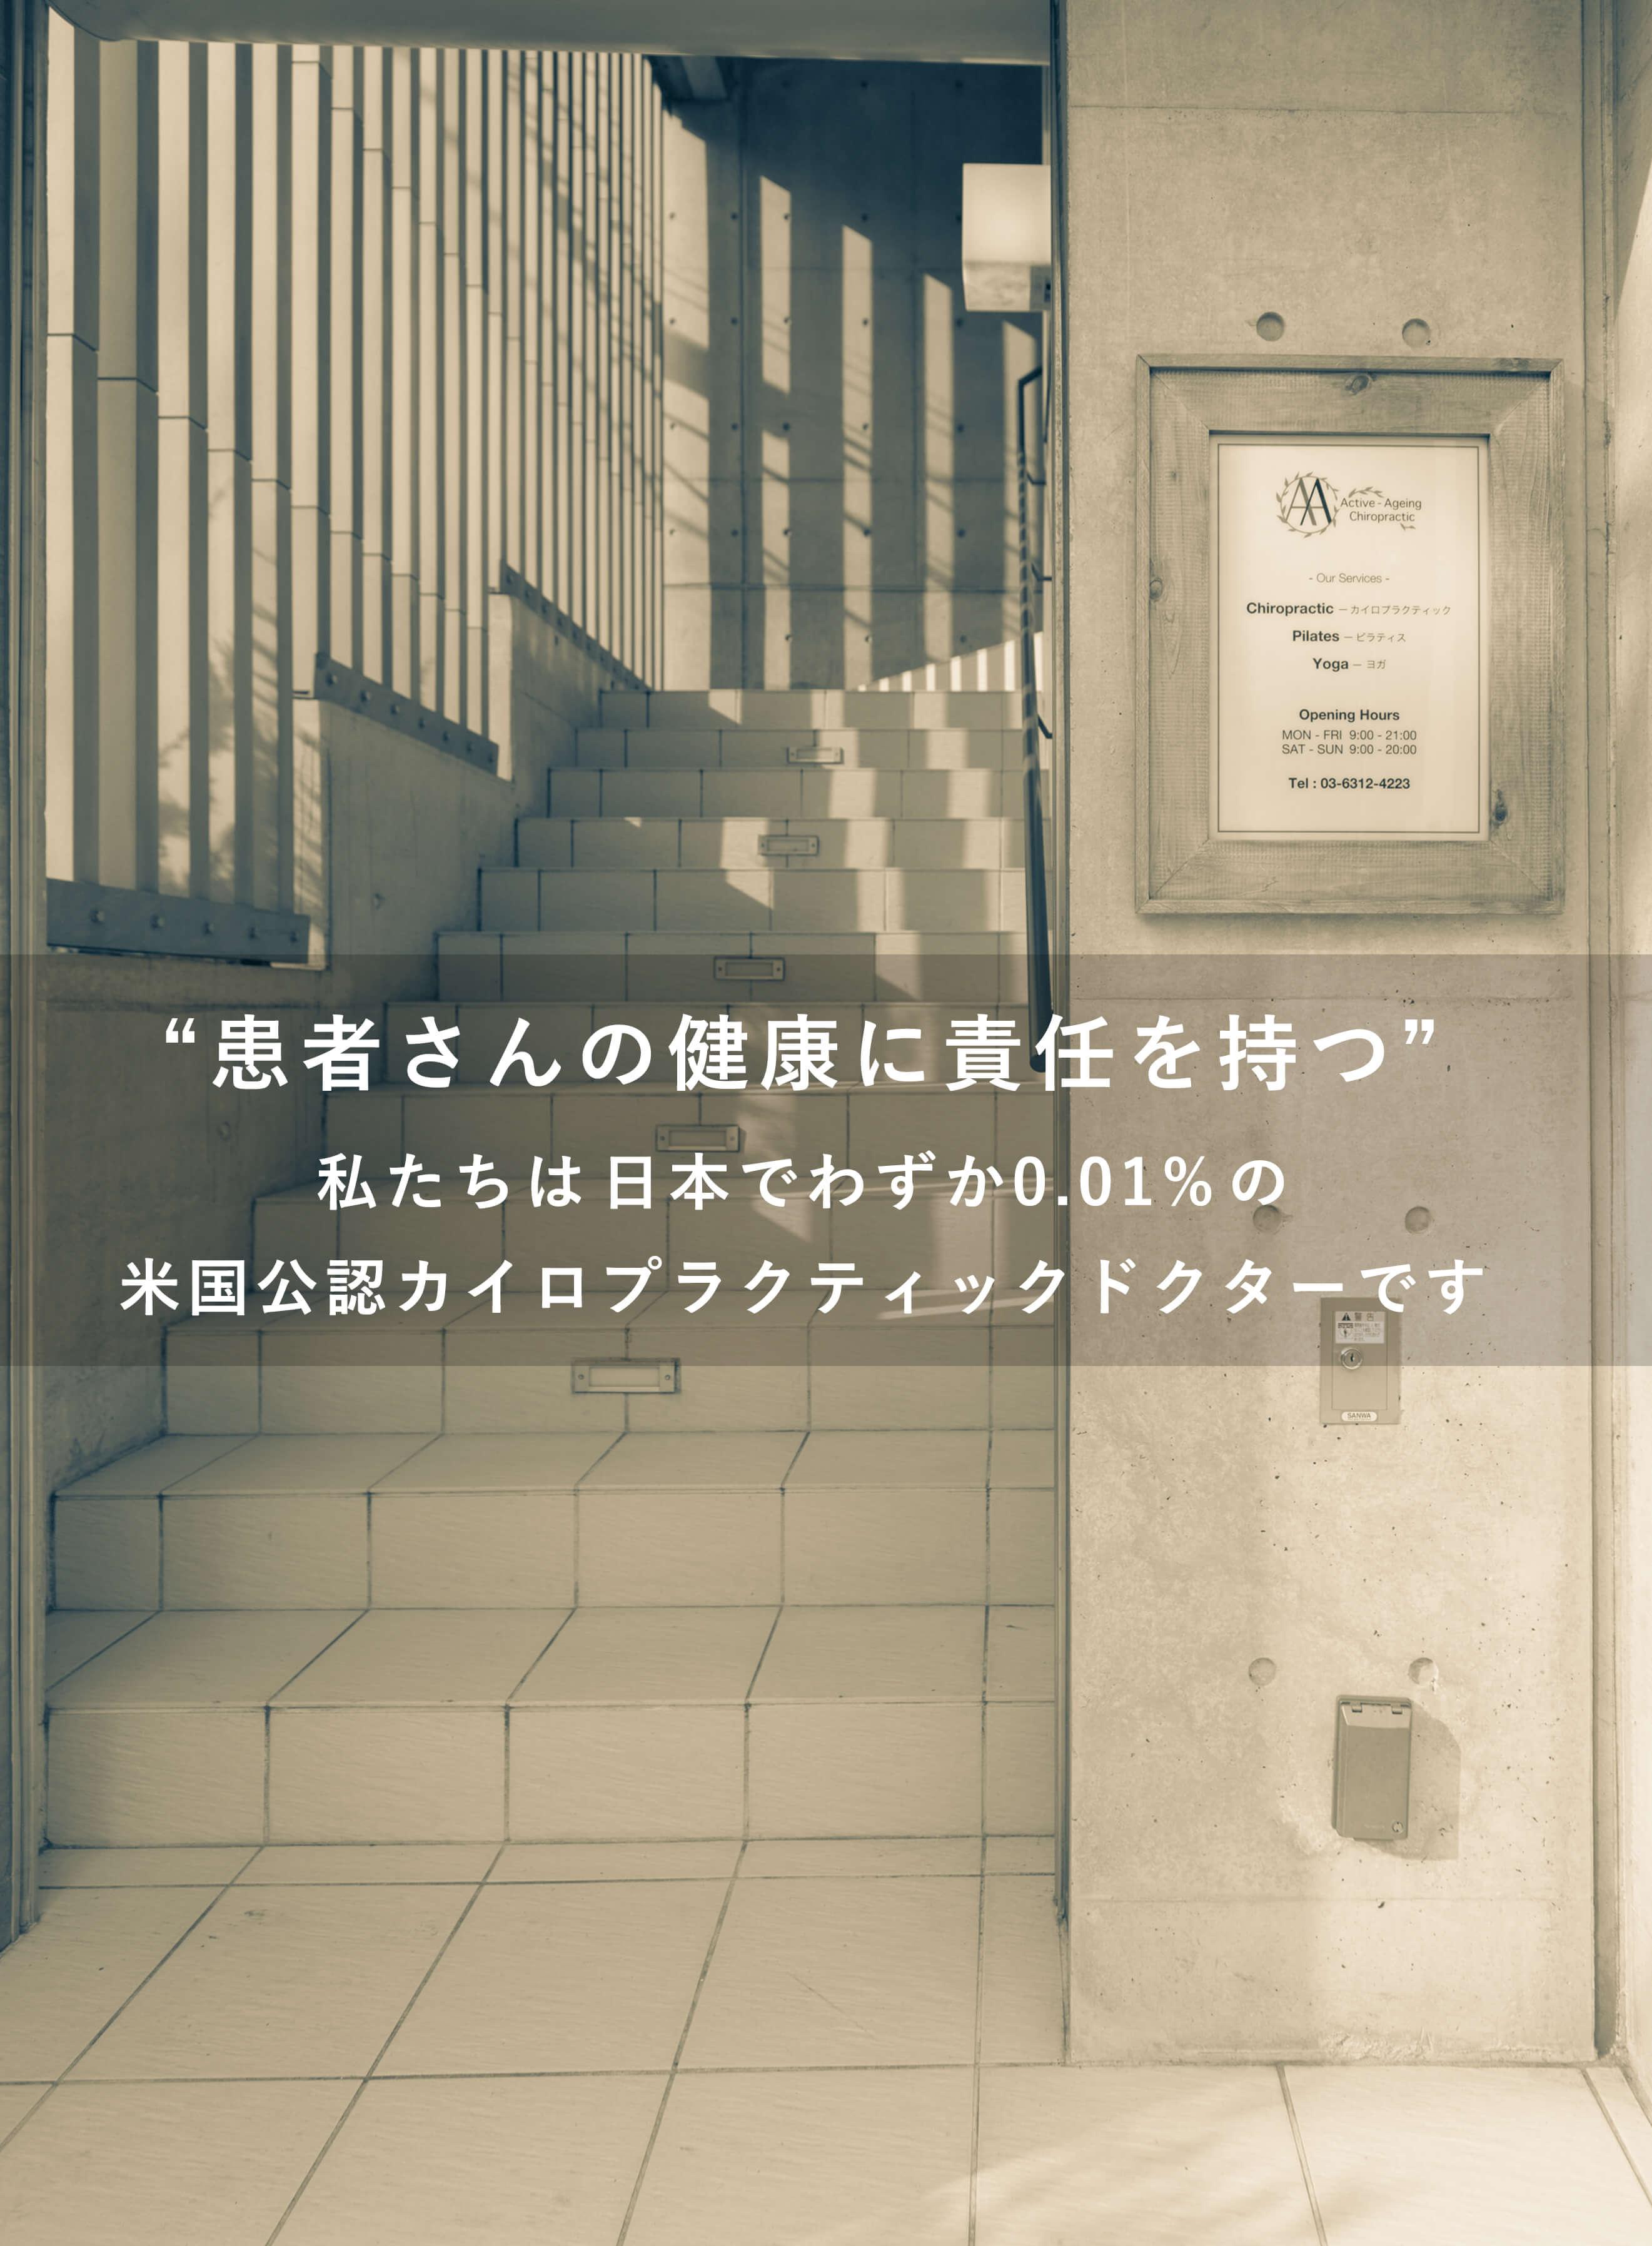 患者さんの健康に責任を持つ。私達は日本でわずか0.001%の米国公認カイロプラクティックドクターです